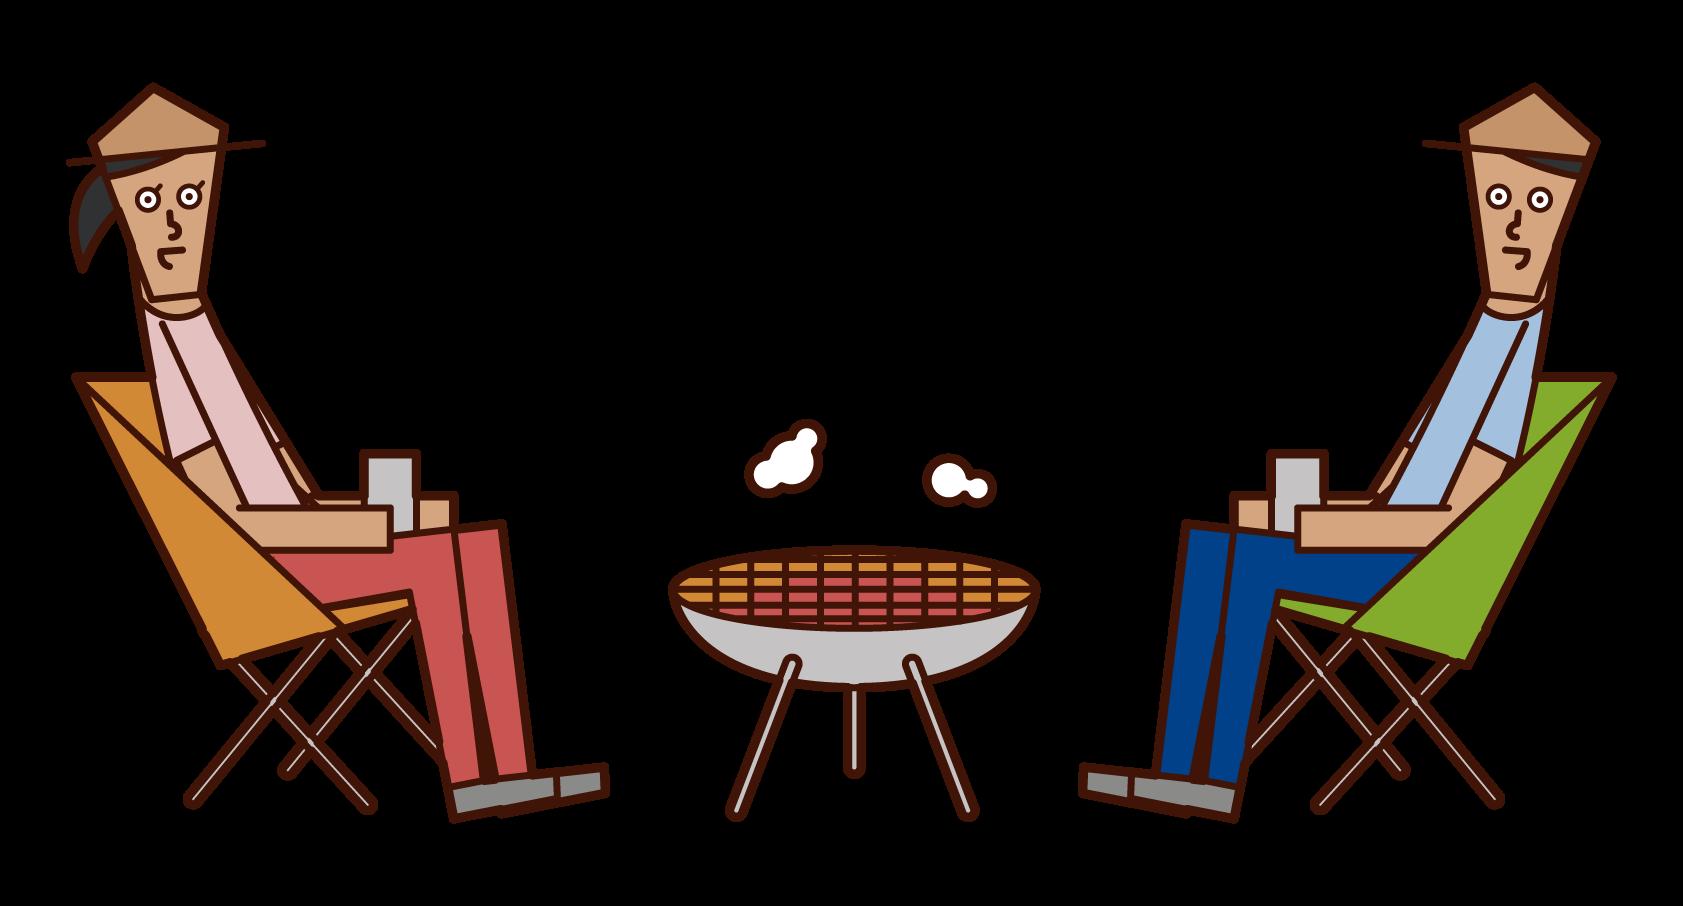 一對夫婦在營地里放火的插圖